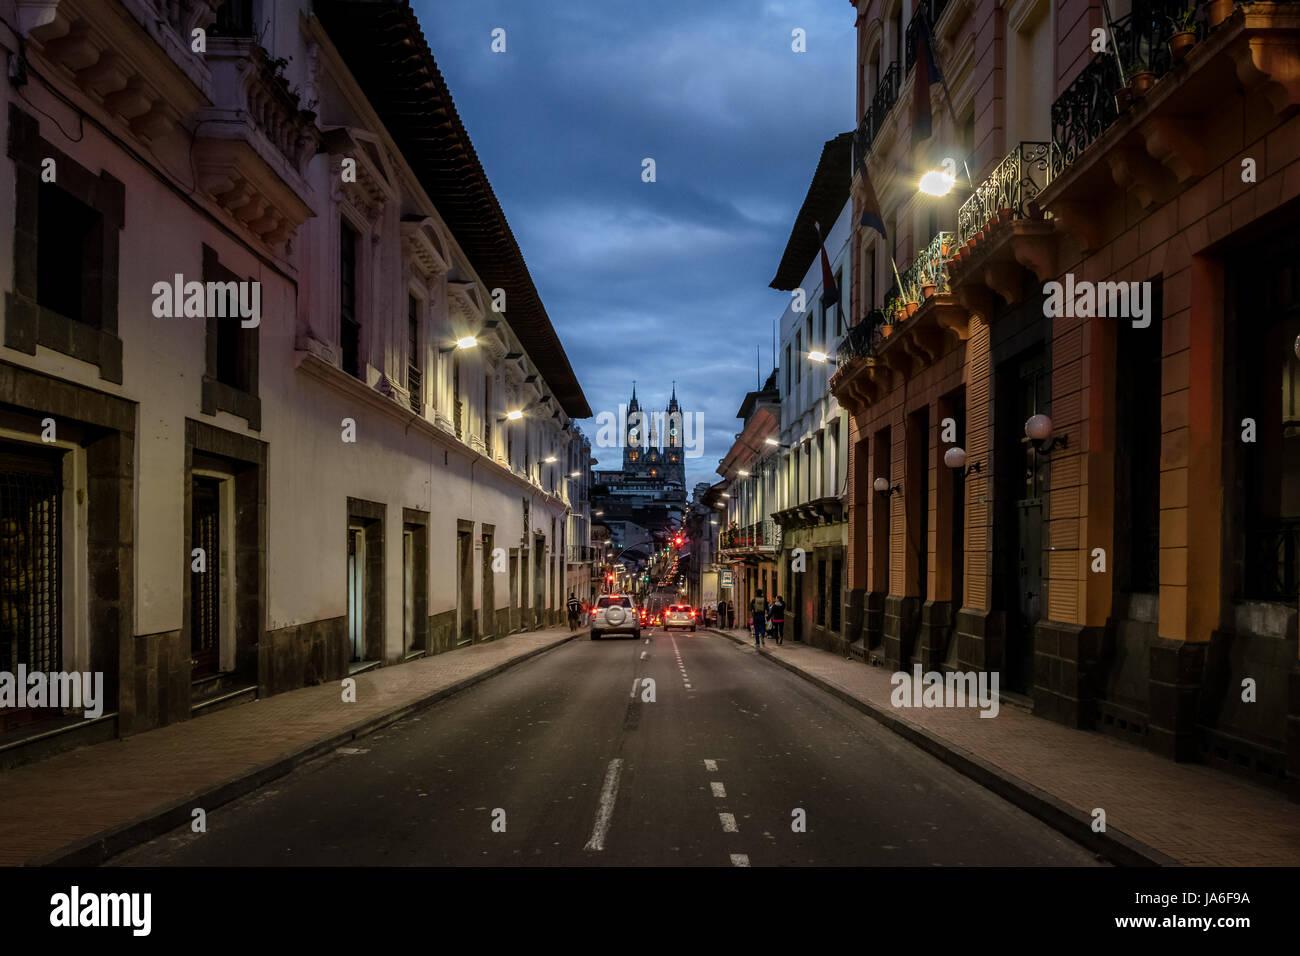 Calle de Quito y la Basílica del voto nacional en la noche - Quito, Ecuador Imagen De Stock